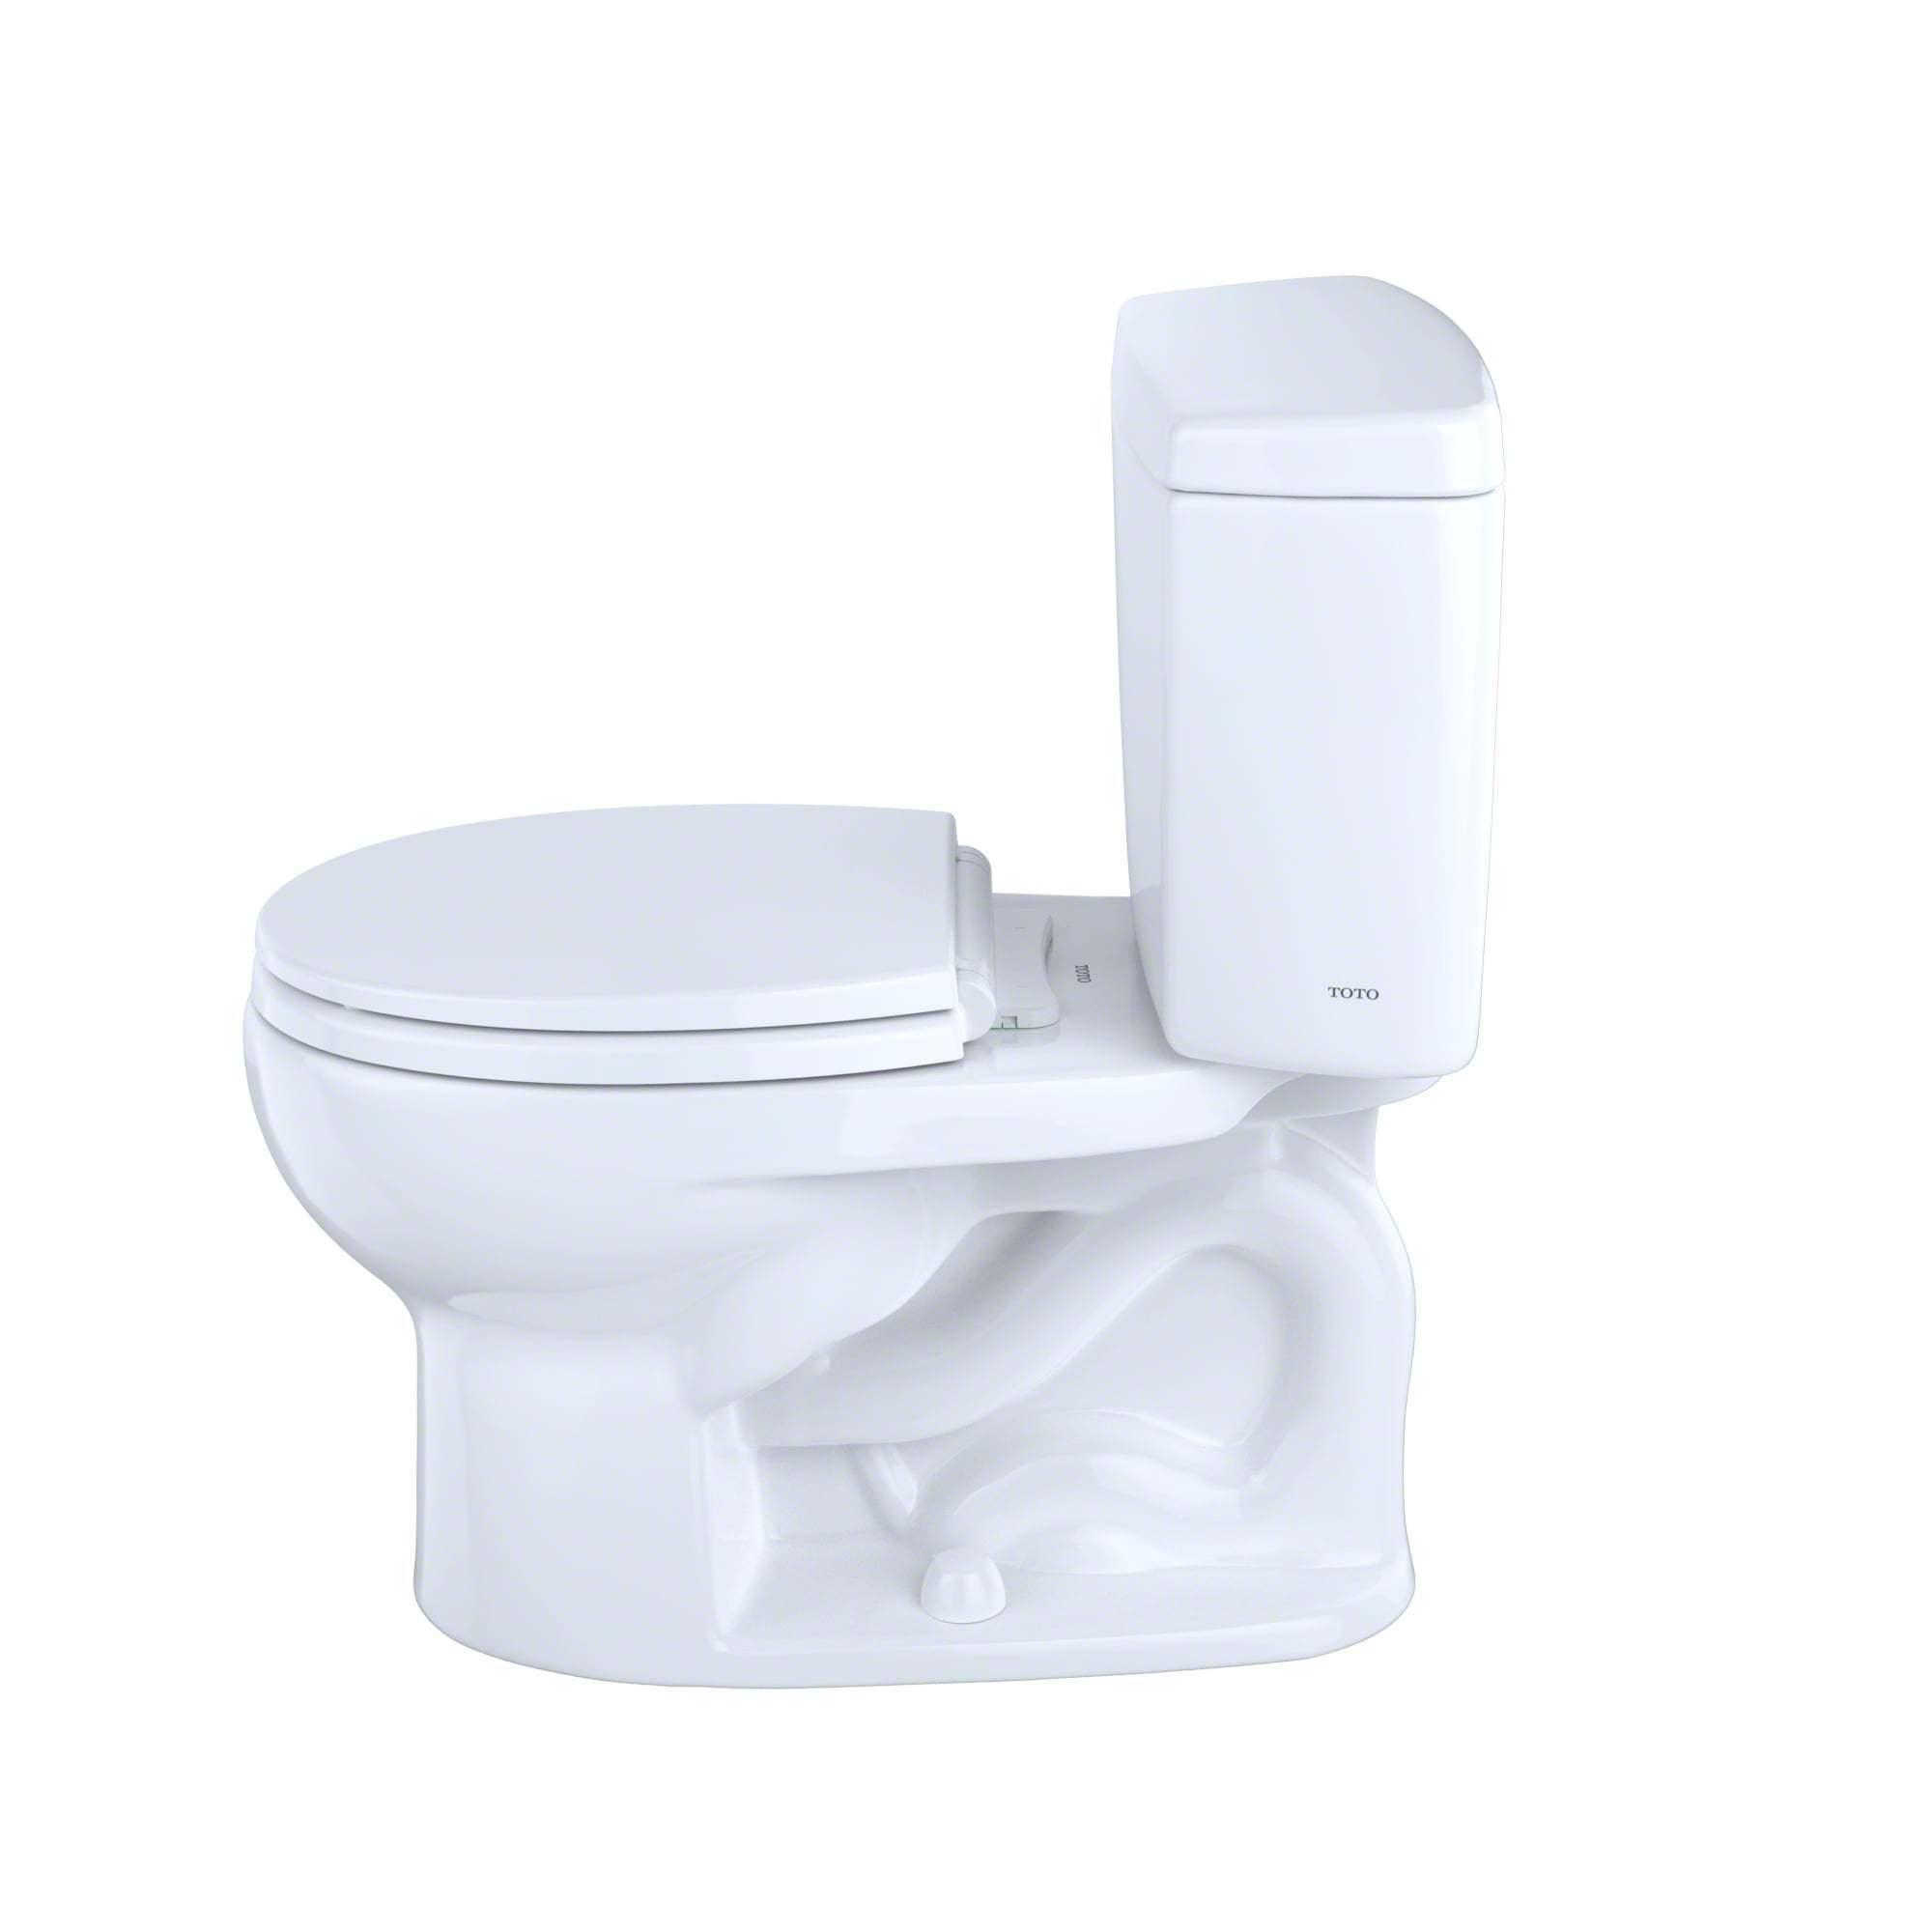 Shop Toto Drake Two-Piece Round 1.6 GPF Toilet CST743S#01 Cotton ...